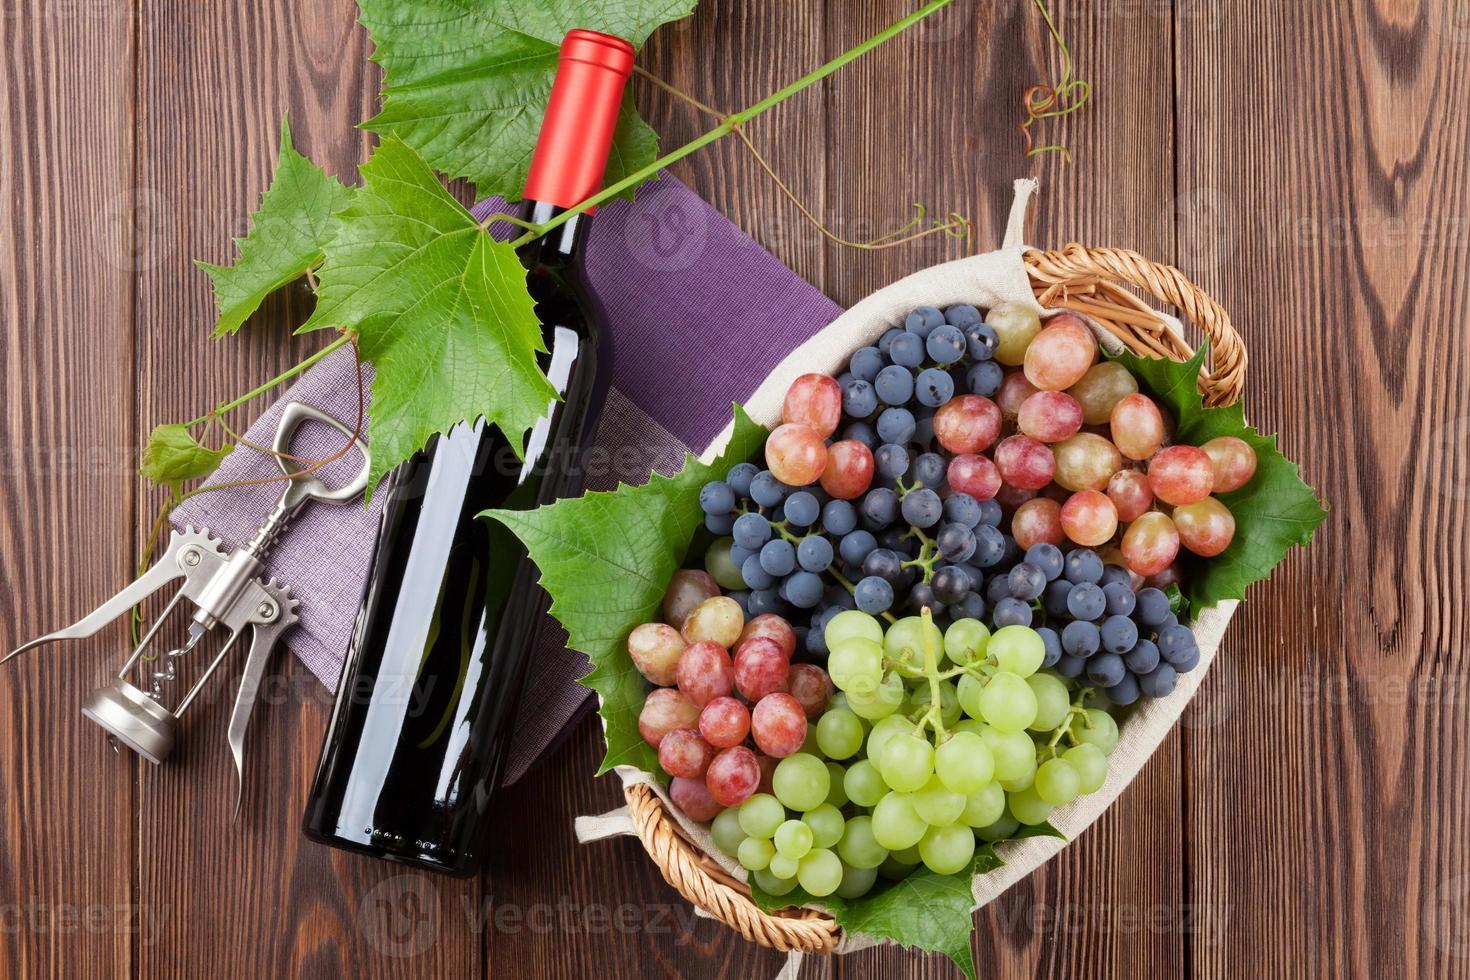 garrafa de vinho tinto e uvas coloridas foto